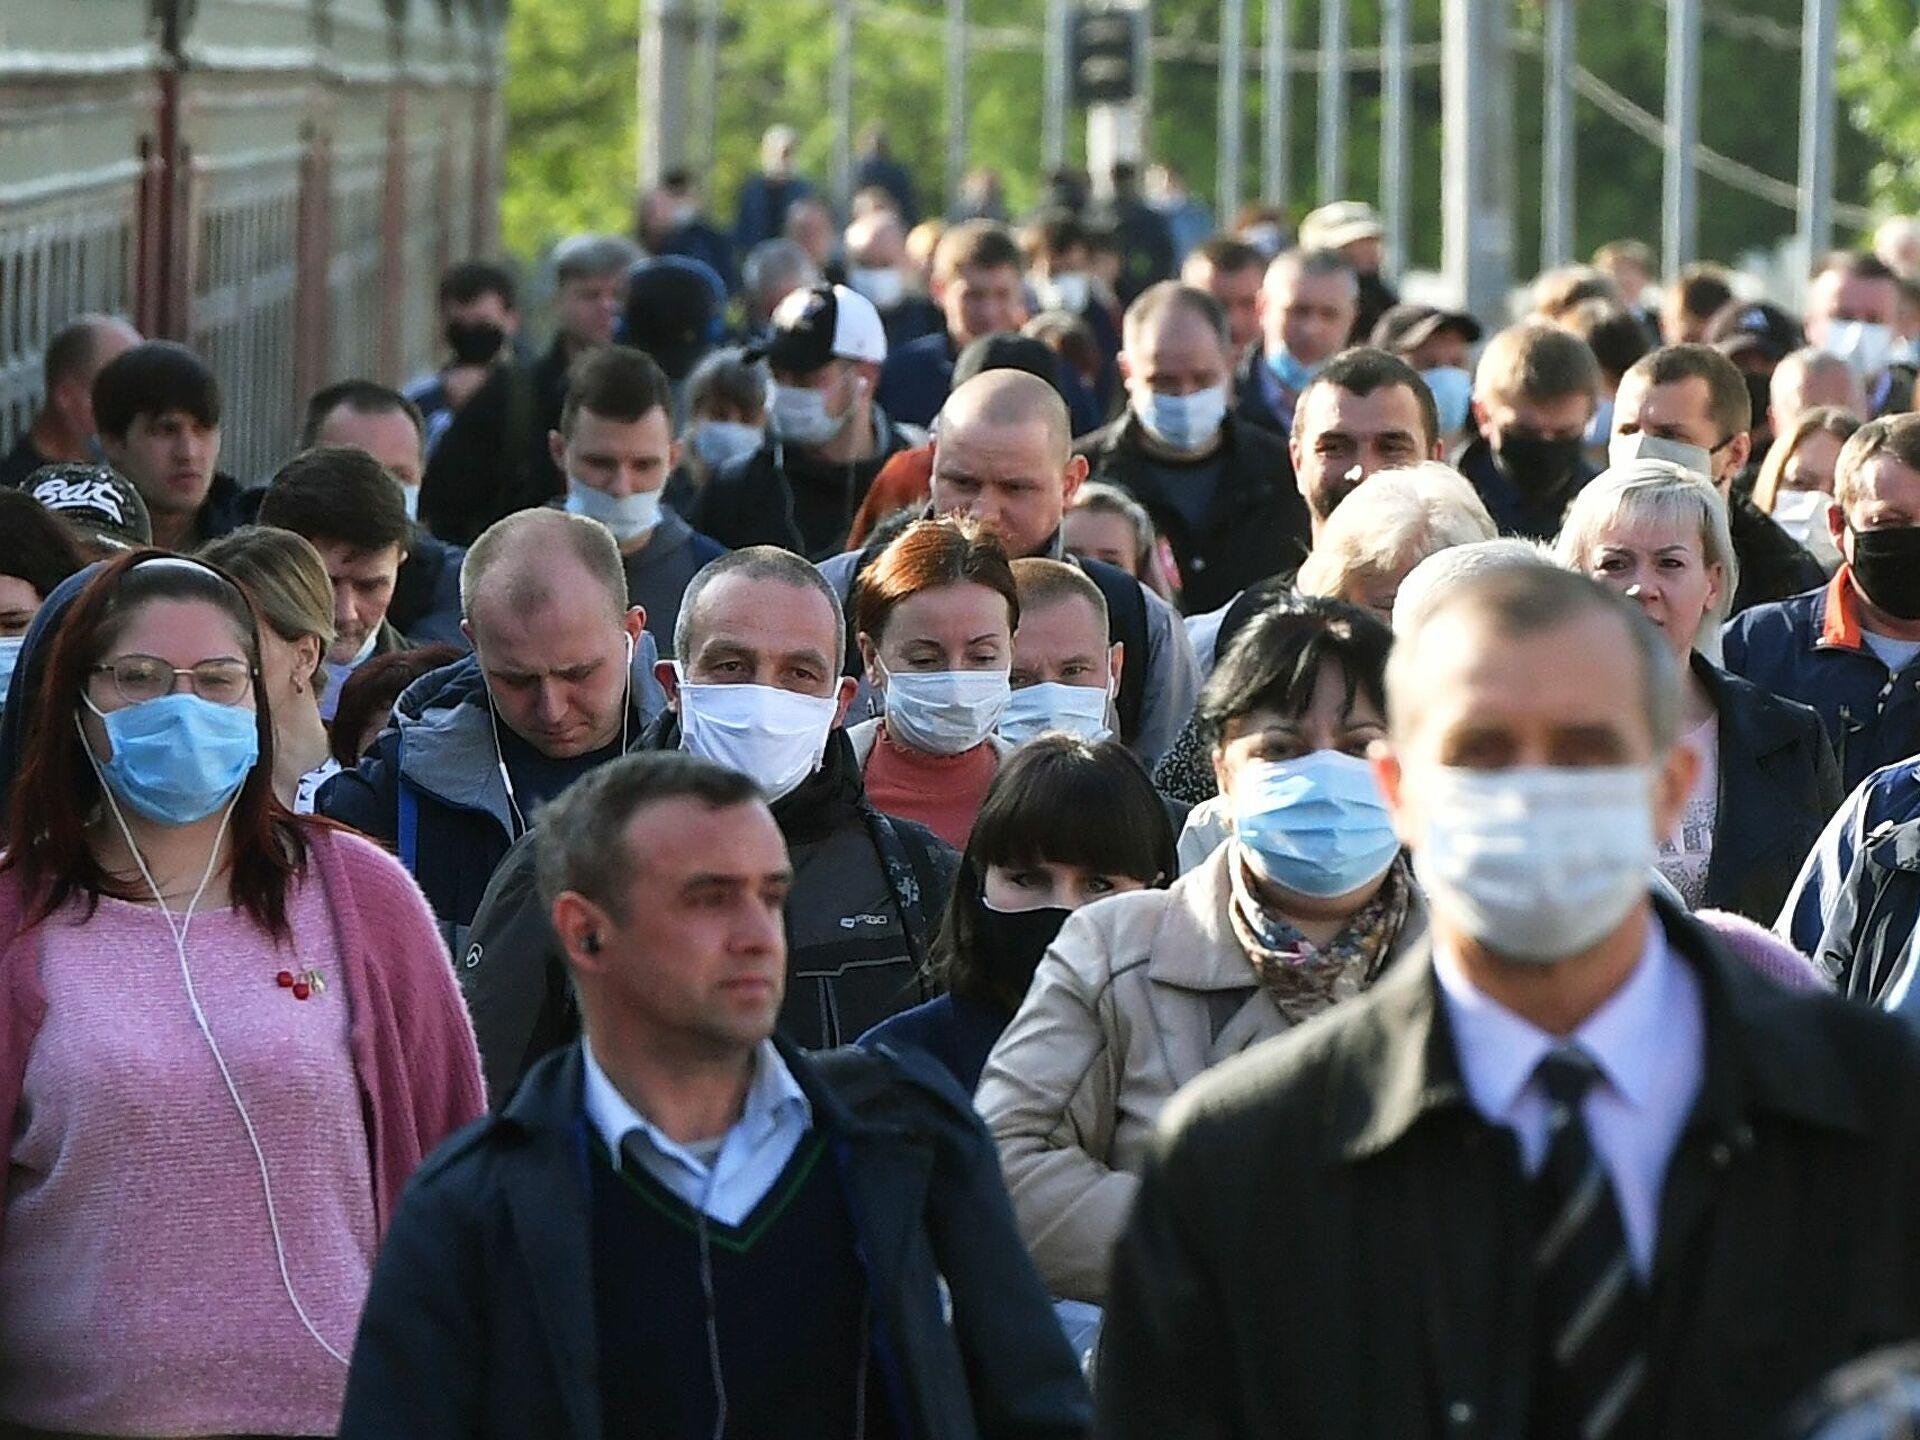 Иммунолог – о всплеске коронавируса: «Нас ожидают тяжелая осень, зима и ранняя весна»